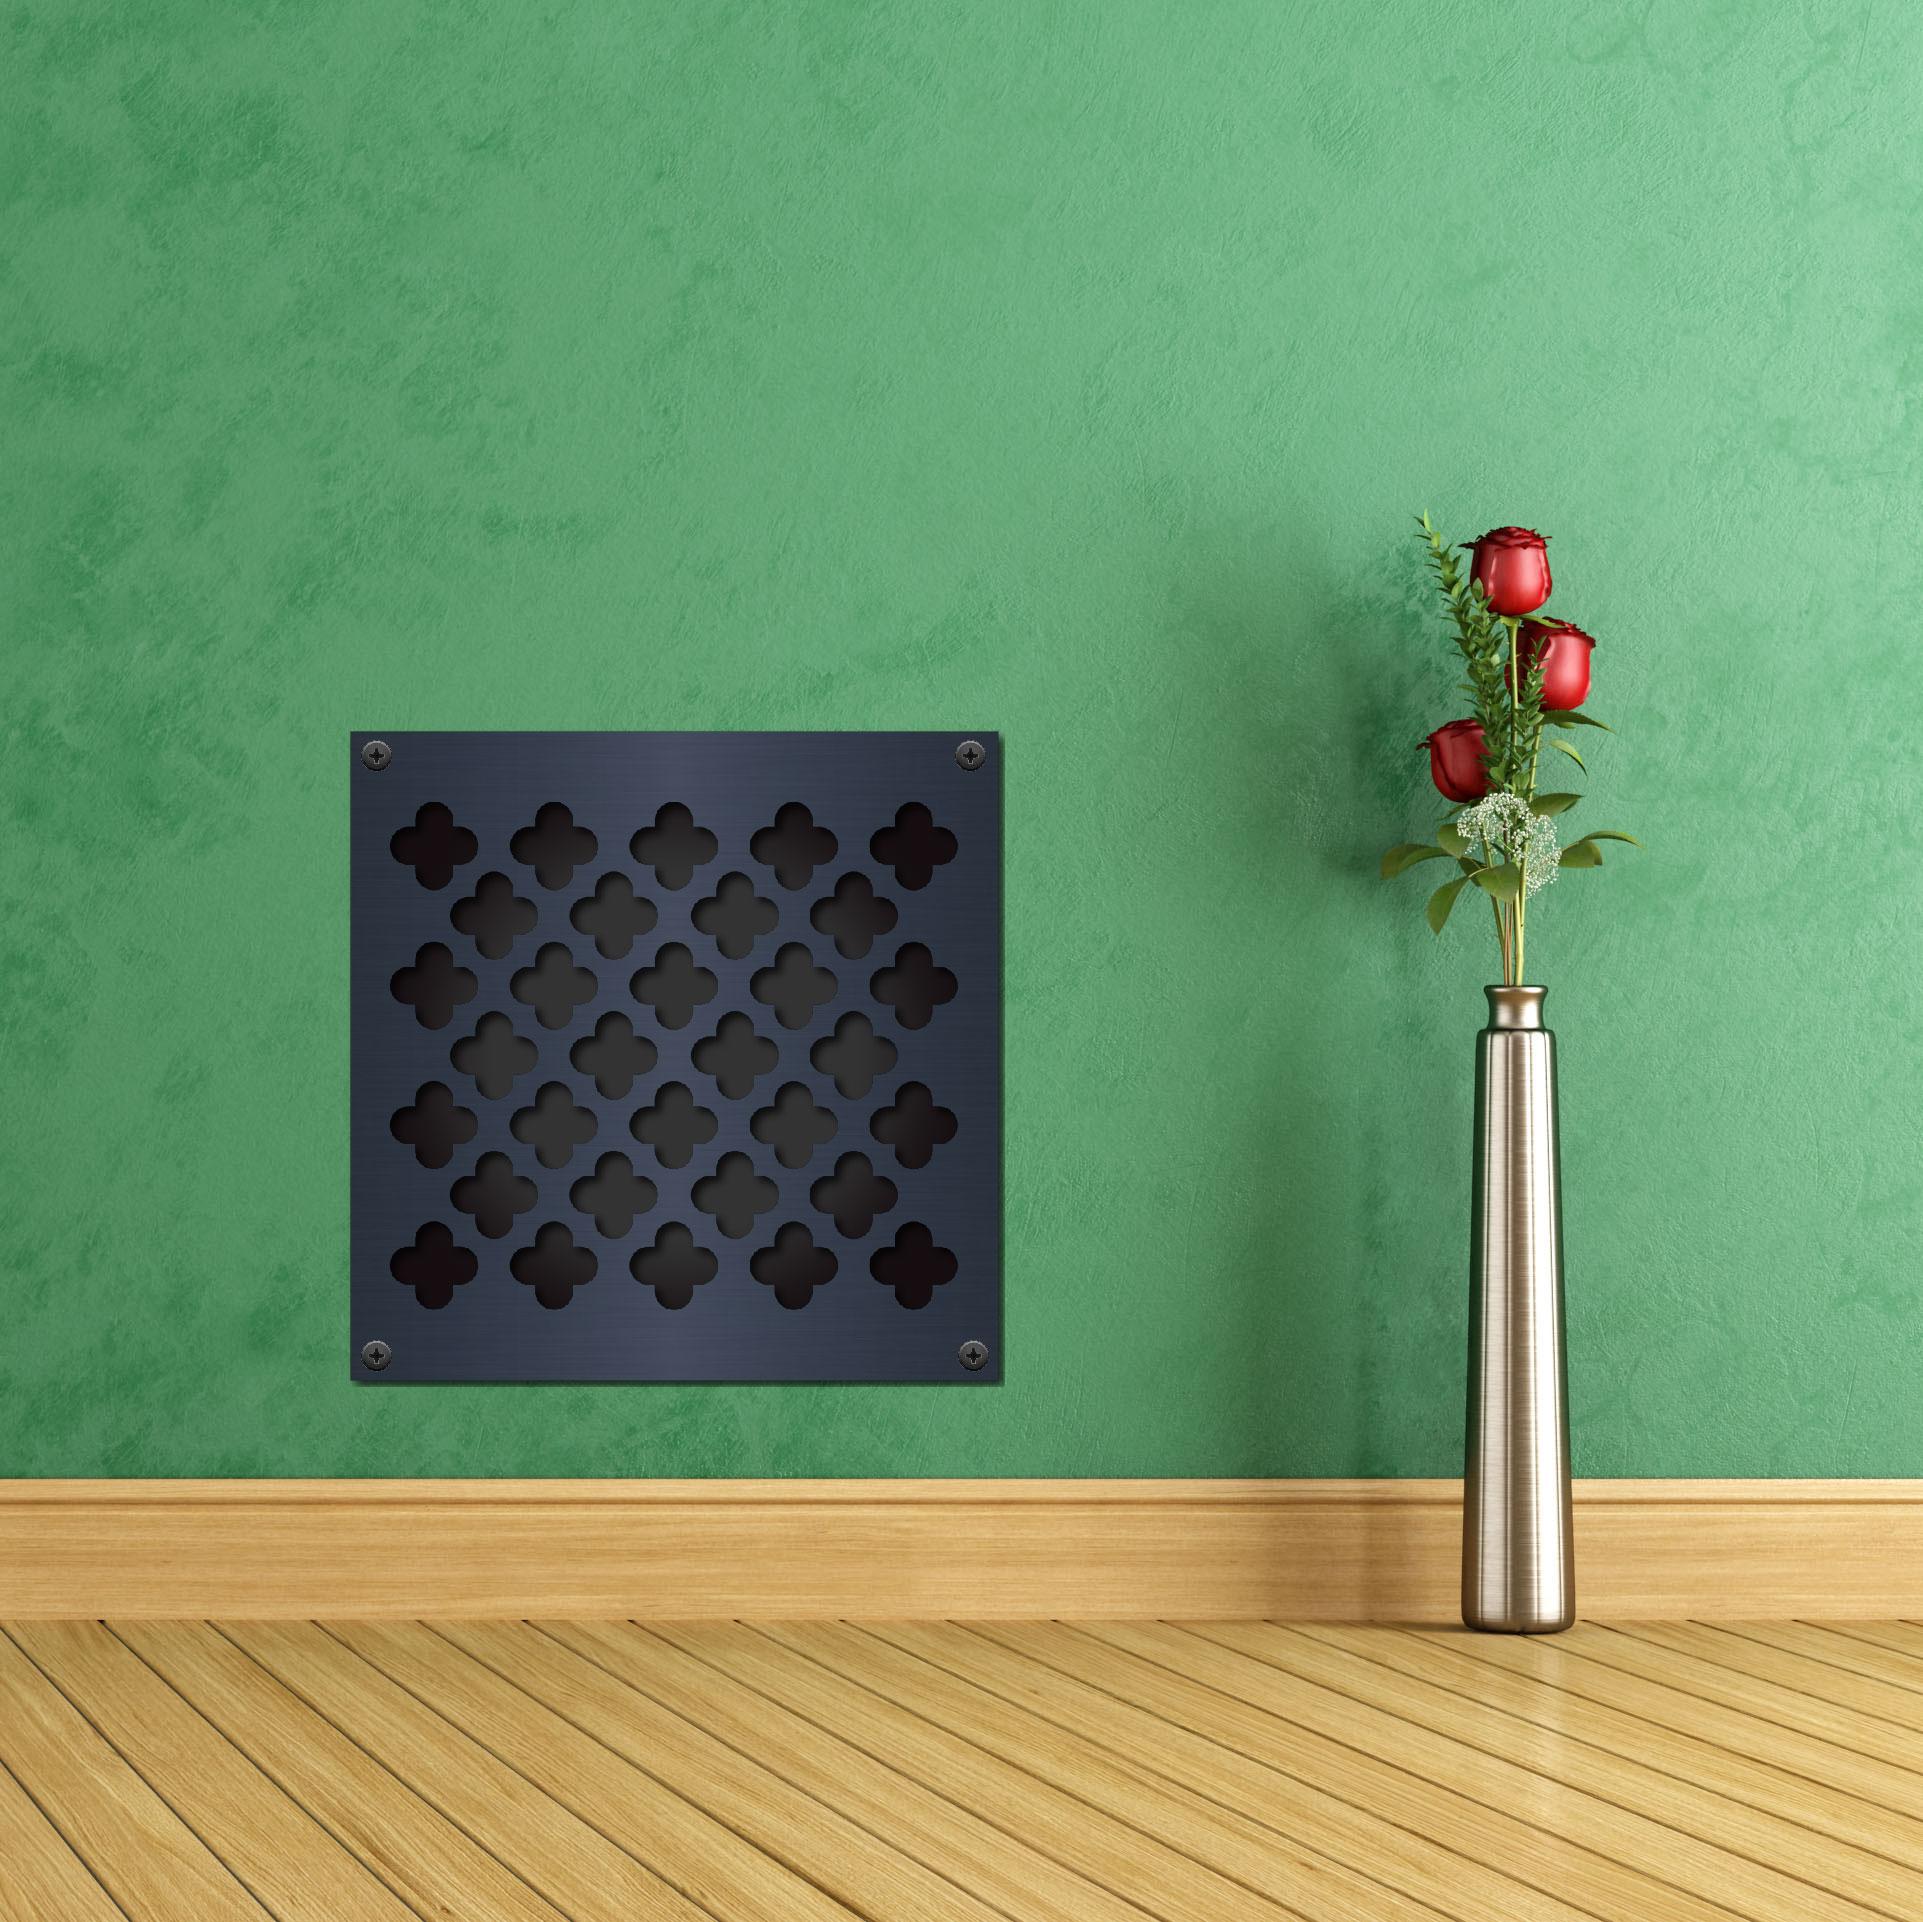 clover_leaf-wall-01.jpg